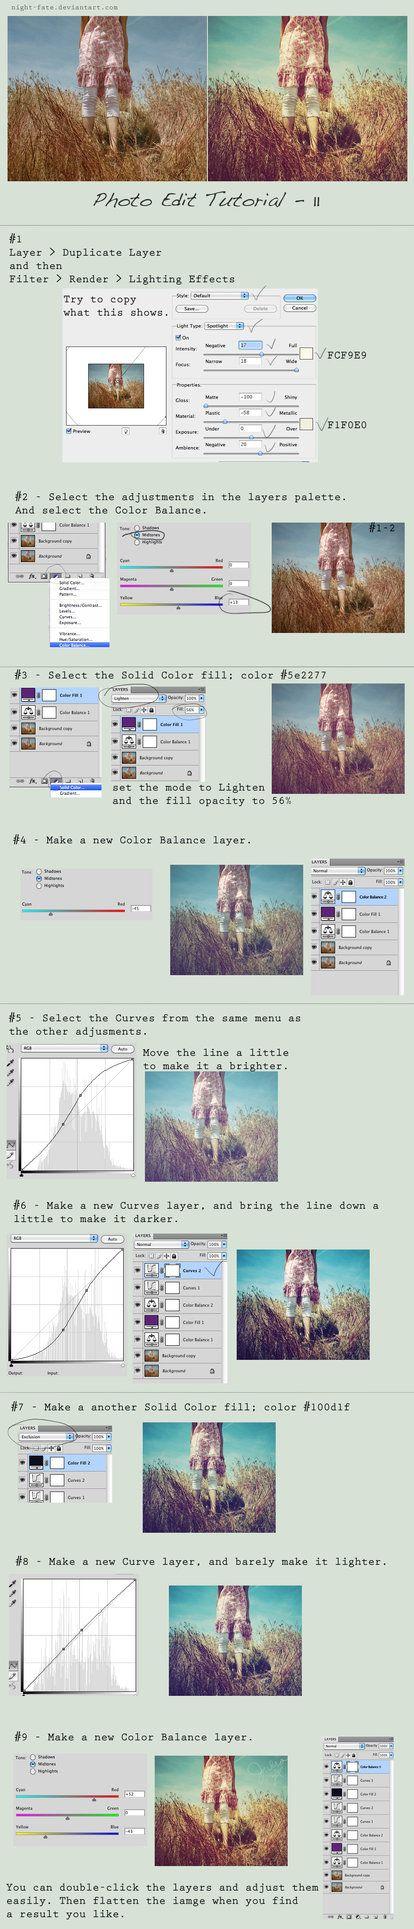 photo edit tutorial